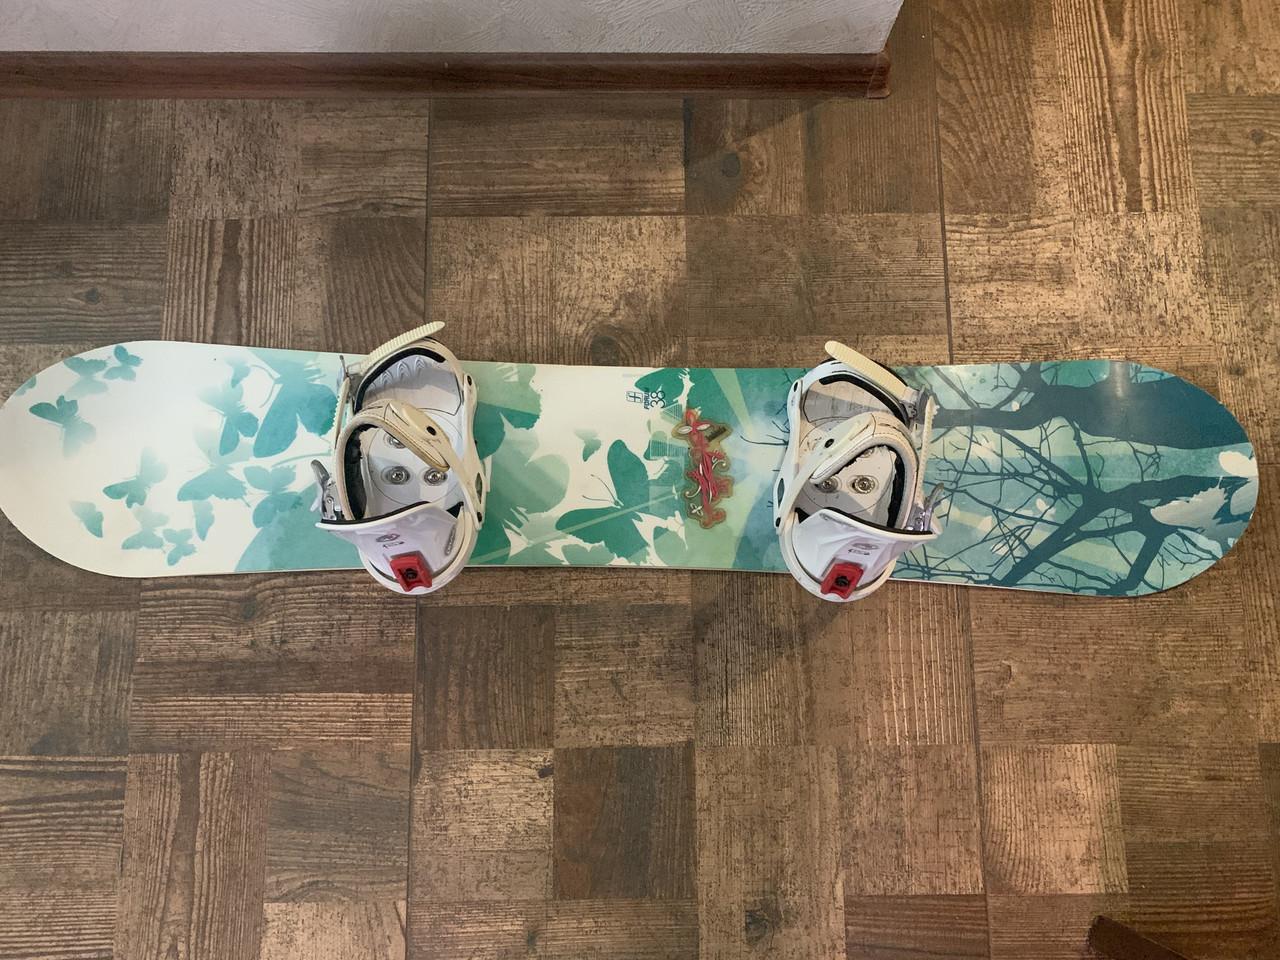 Женский сноуборд Forum 38. длина 138см крепления Drake